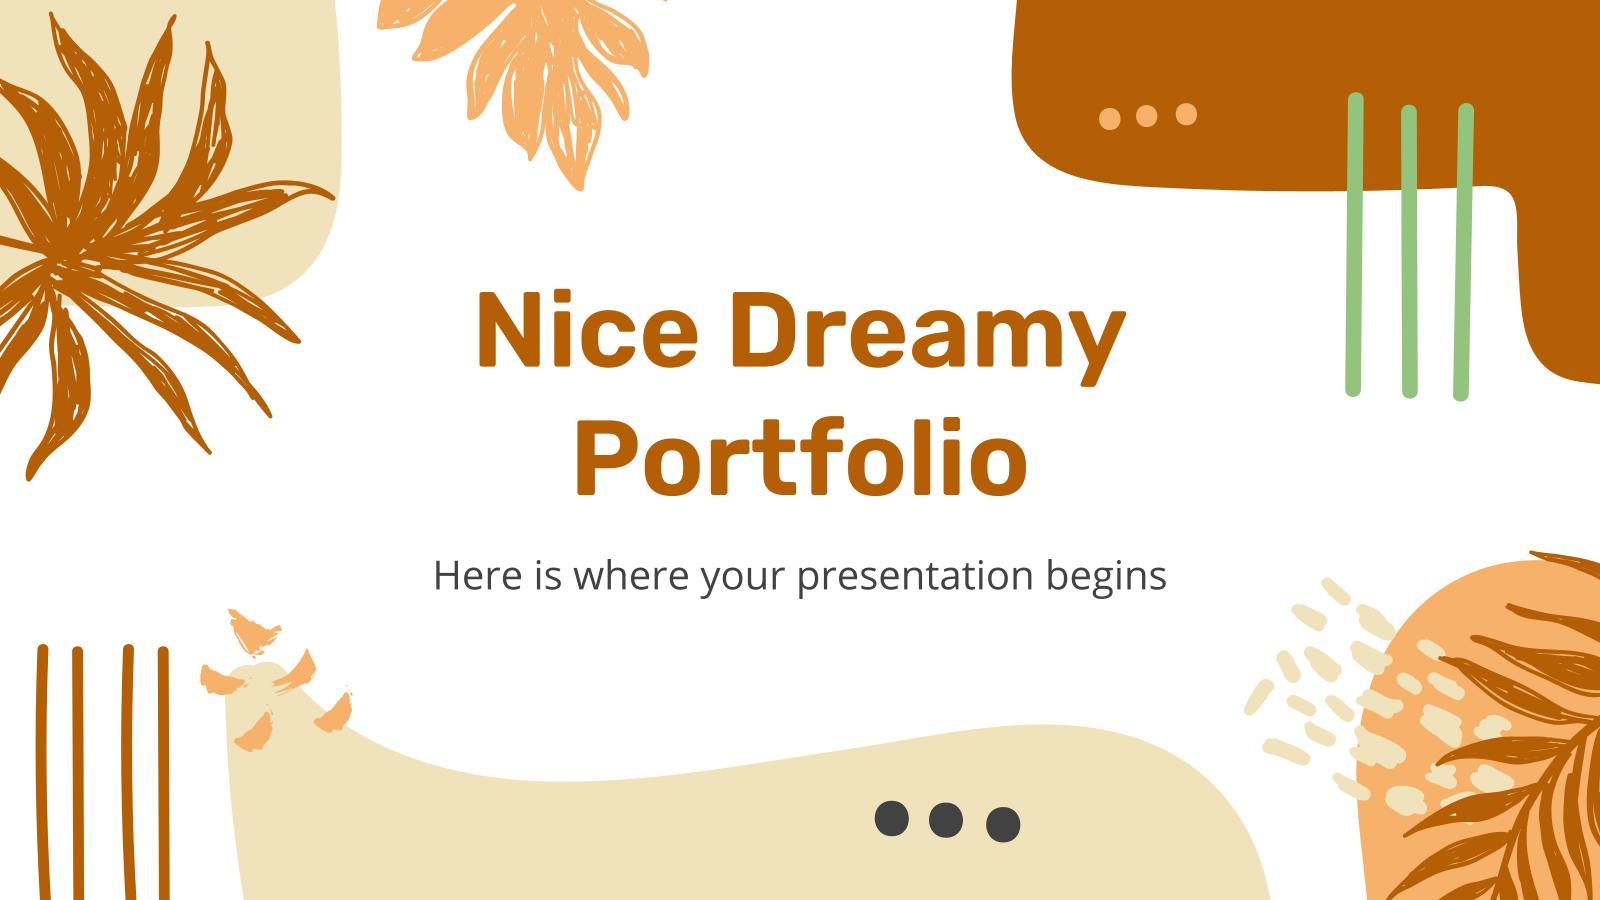 Joli portefeuille de rêve : Modèles de présentation